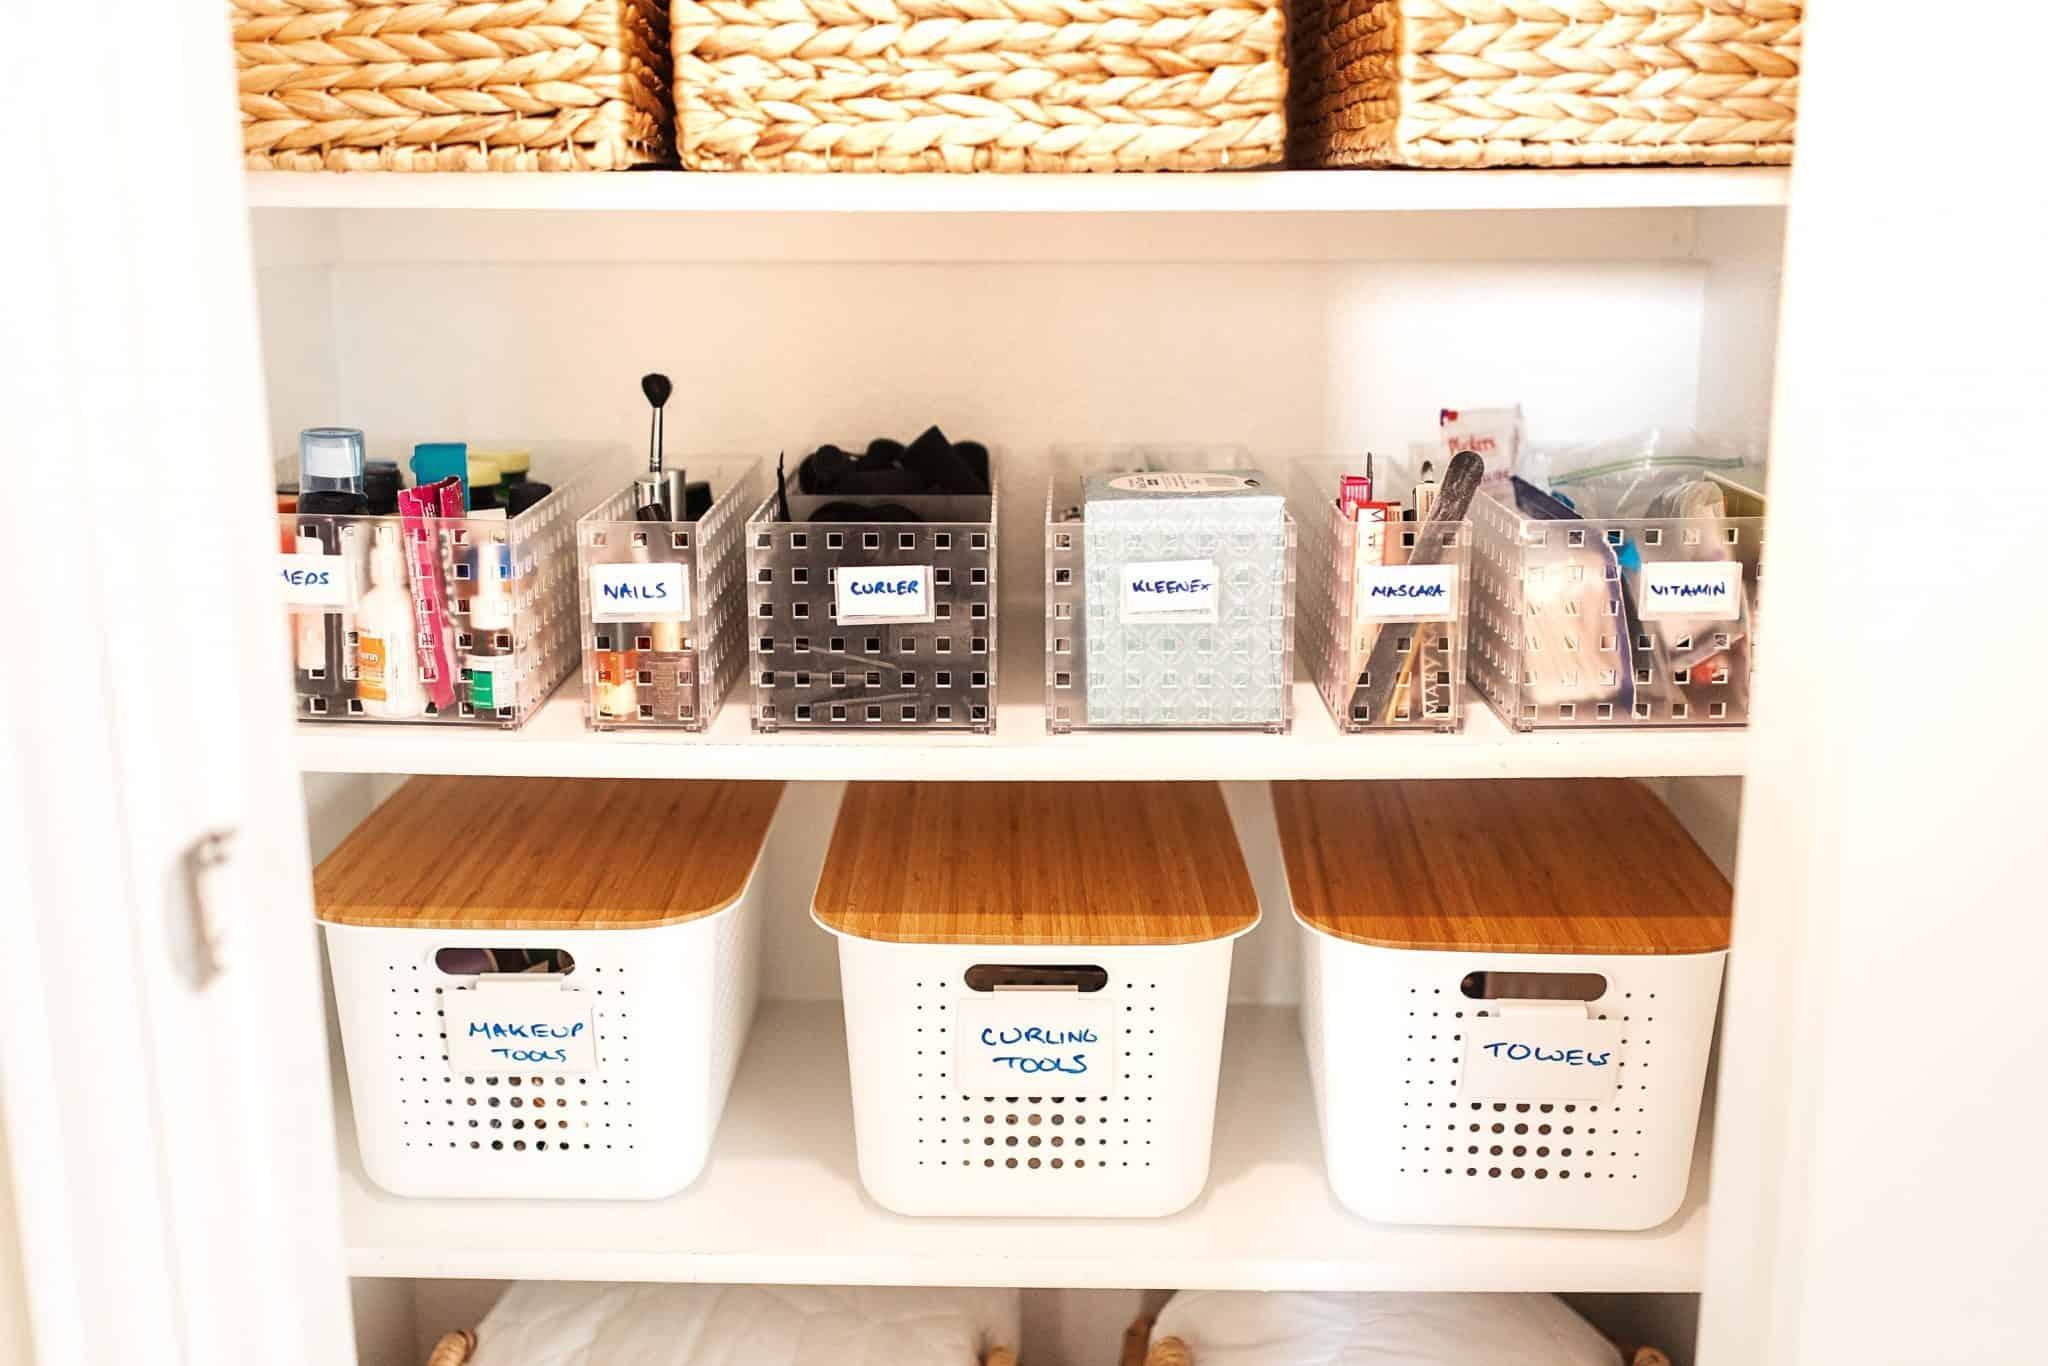 Bathroom Closet Organization Ideas, How To Organize Bathroom Closet